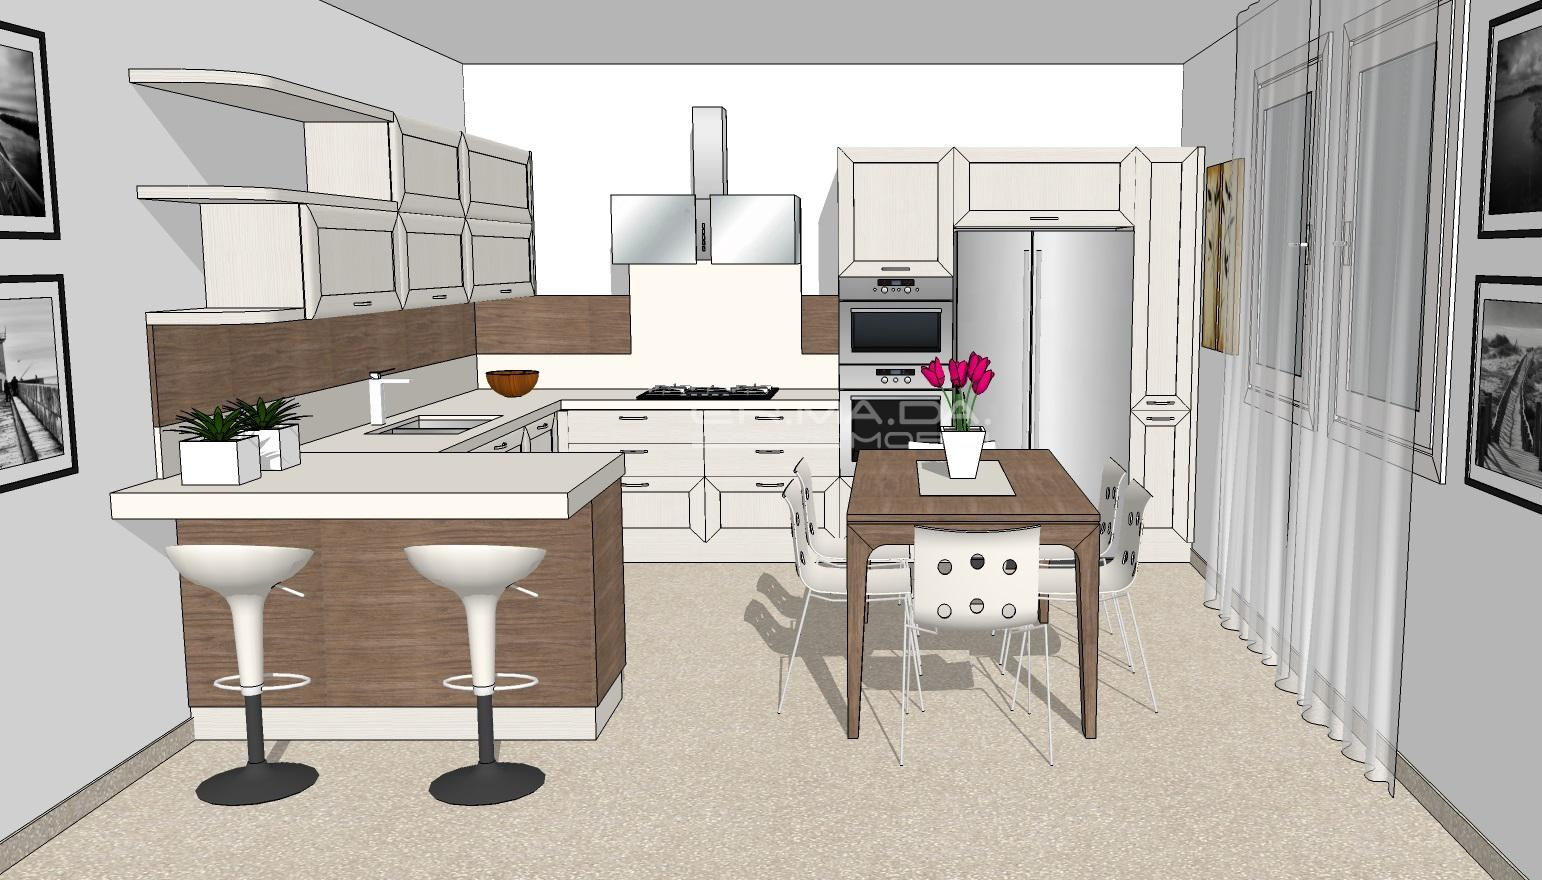 Cucina 15 er ma da mobilificio progetta e for Progetta i tuoi mobili online